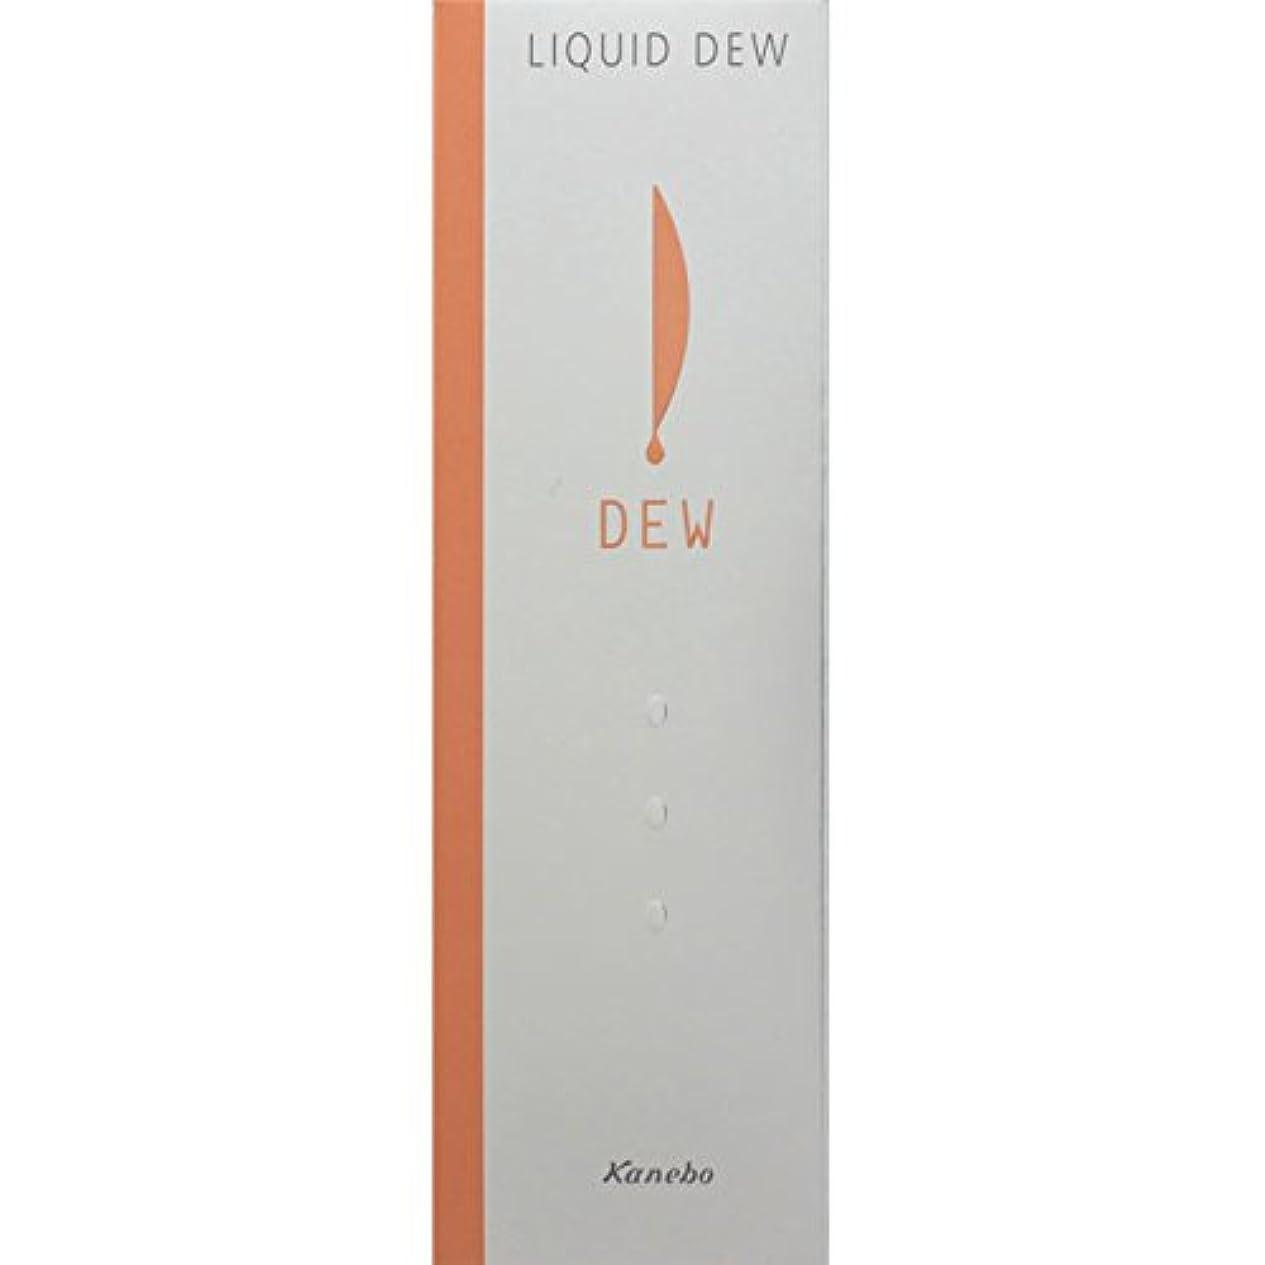 適合しました体操退化するカネボウ DEW リクイドデュウ【オークルB】(保湿液?ファンデーション